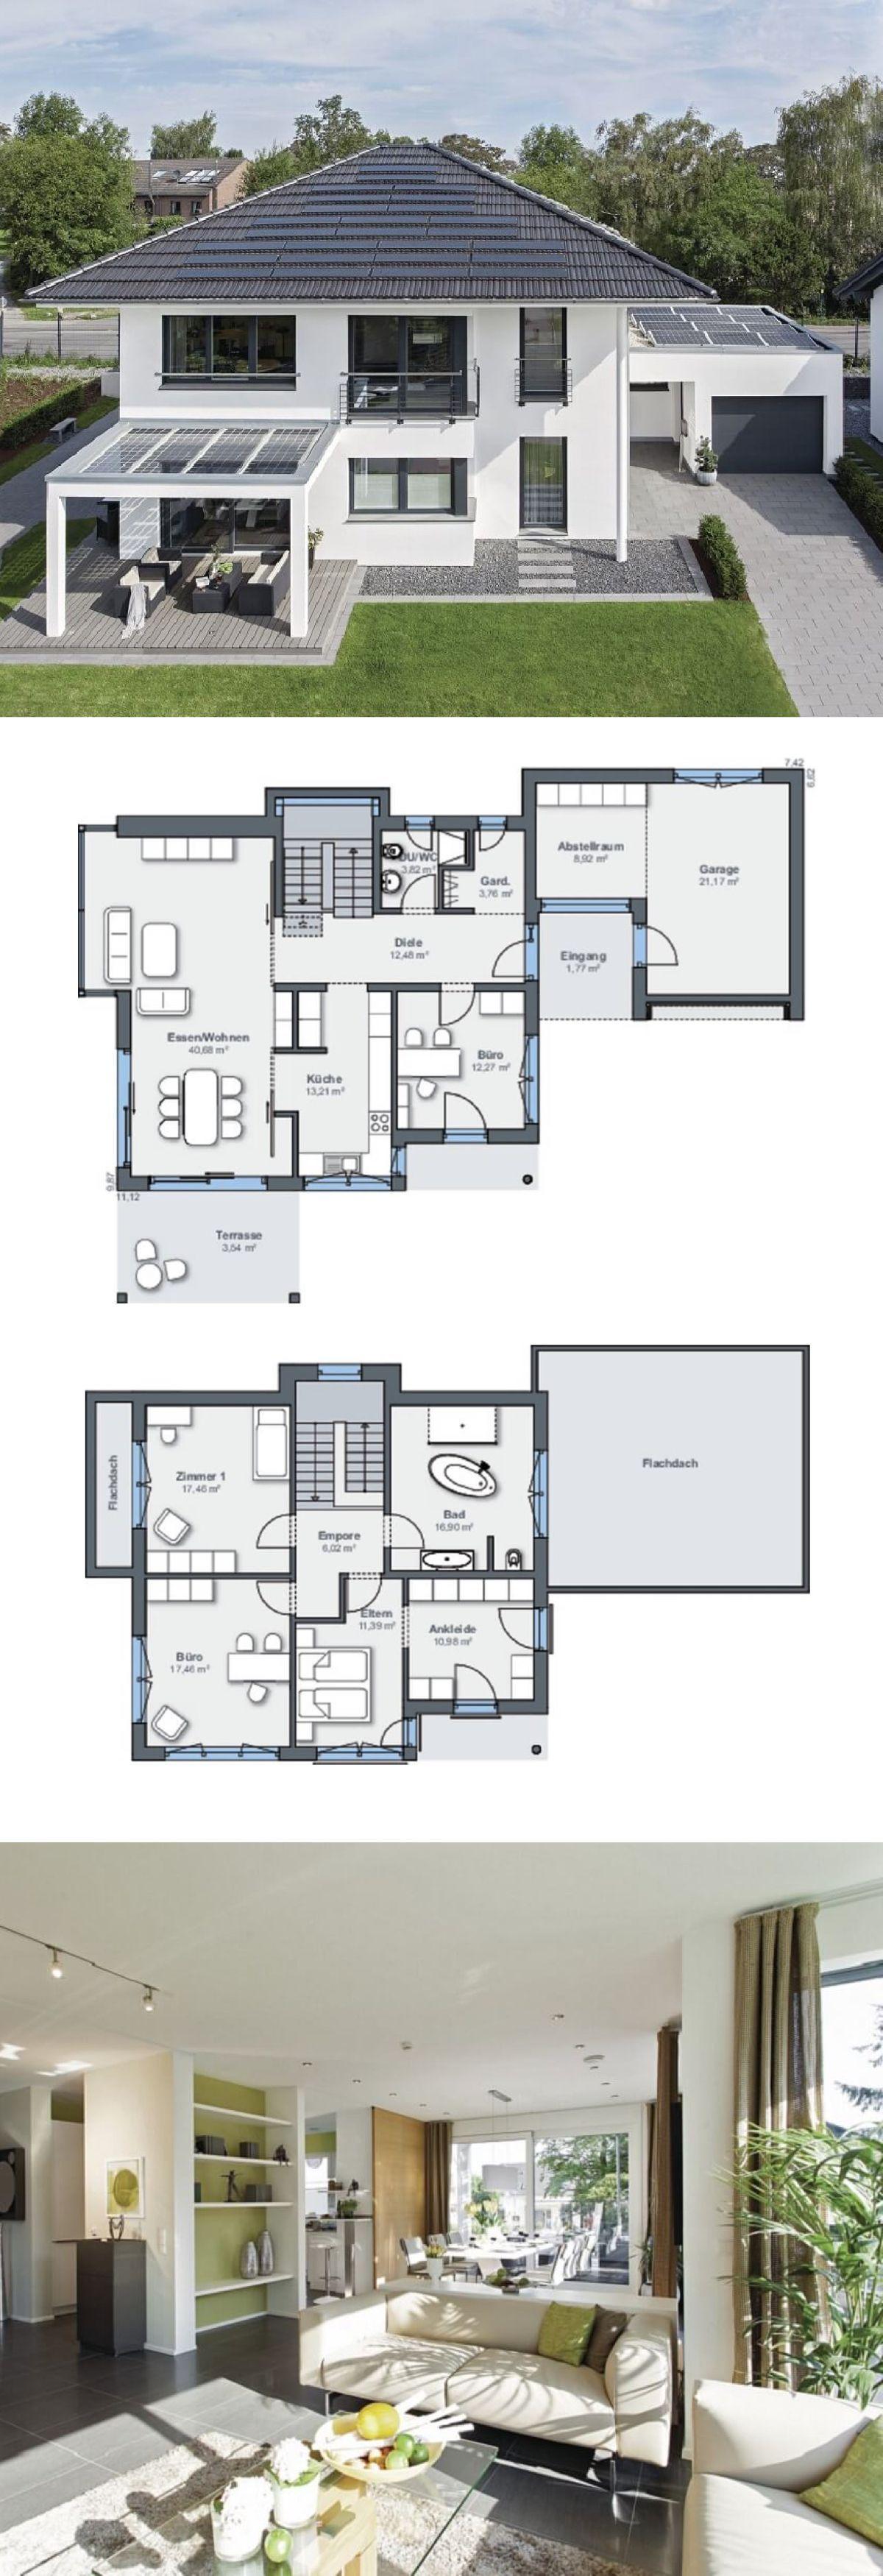 Modernes Design Haus mit Garage & Pergola - Grundriss Einfamilienhaus City Life Haus 250 WeberHaus Fertighaus Architektur - HausbauDirekt.de #pergoladesigns #garageplans